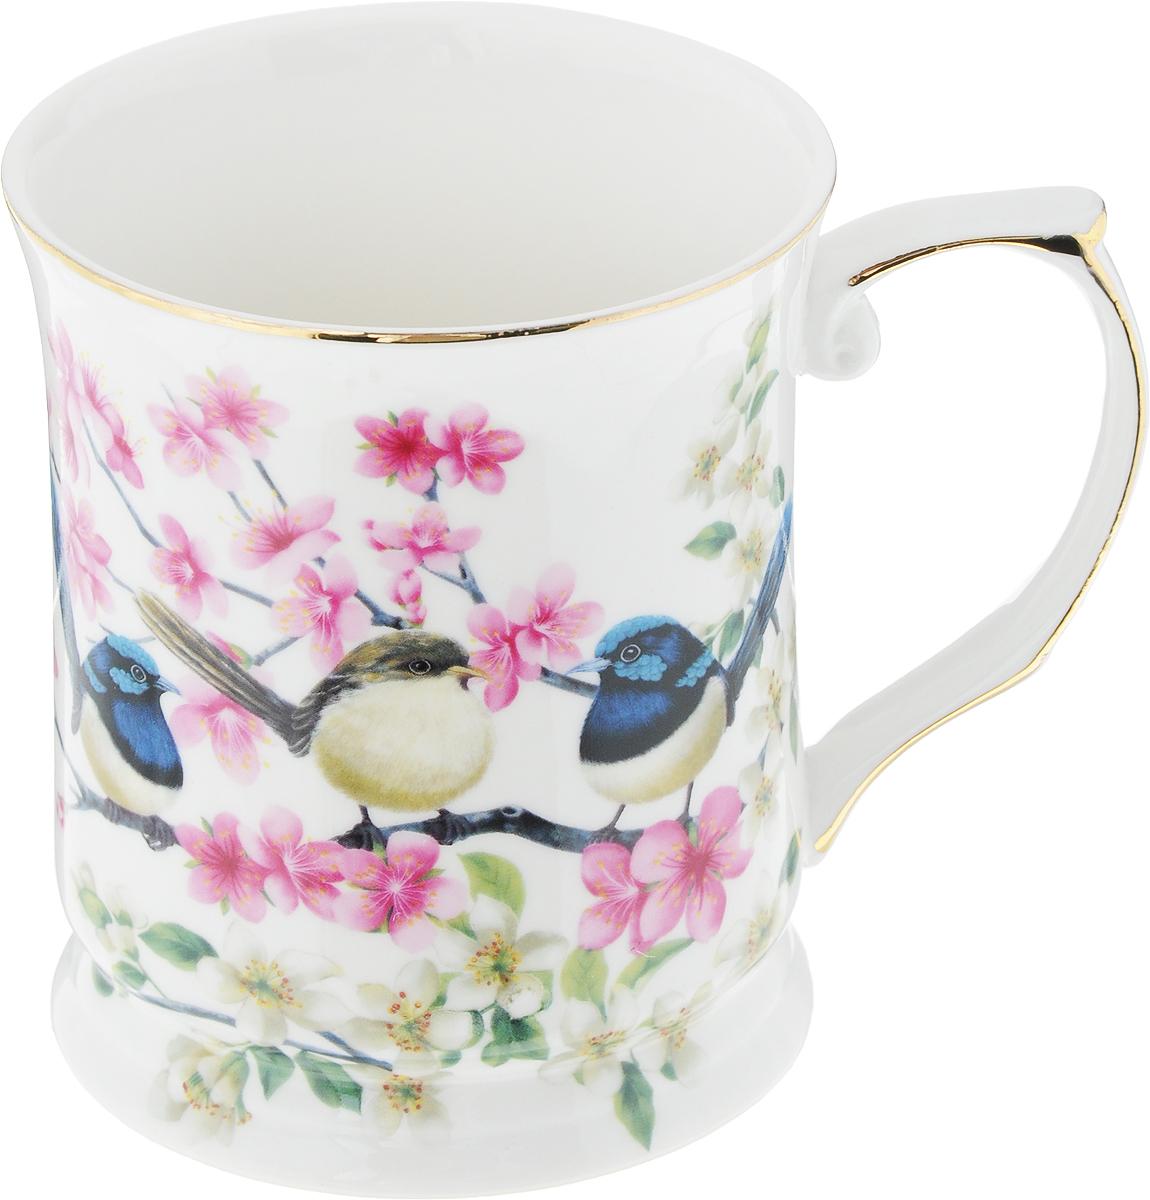 Кружка Elan Gallery Райские птички, 400 мл420036Оригинальная кружка Elan Gallery Райские птички, изготовленная из высококачественной керамики, подойдет для любителей чая, кофе и других напитков. Кружка дополнена удобной ручке и оформлена изображением цветов и птичек. Изделие упаковано в подарочную коробку с ленточкой. Не использовать в микроволновой печи. Объем кружки: 400 мл. Диаметр кружки (по верхнему краю): 9 см. Высота кружки: 10,5 см.